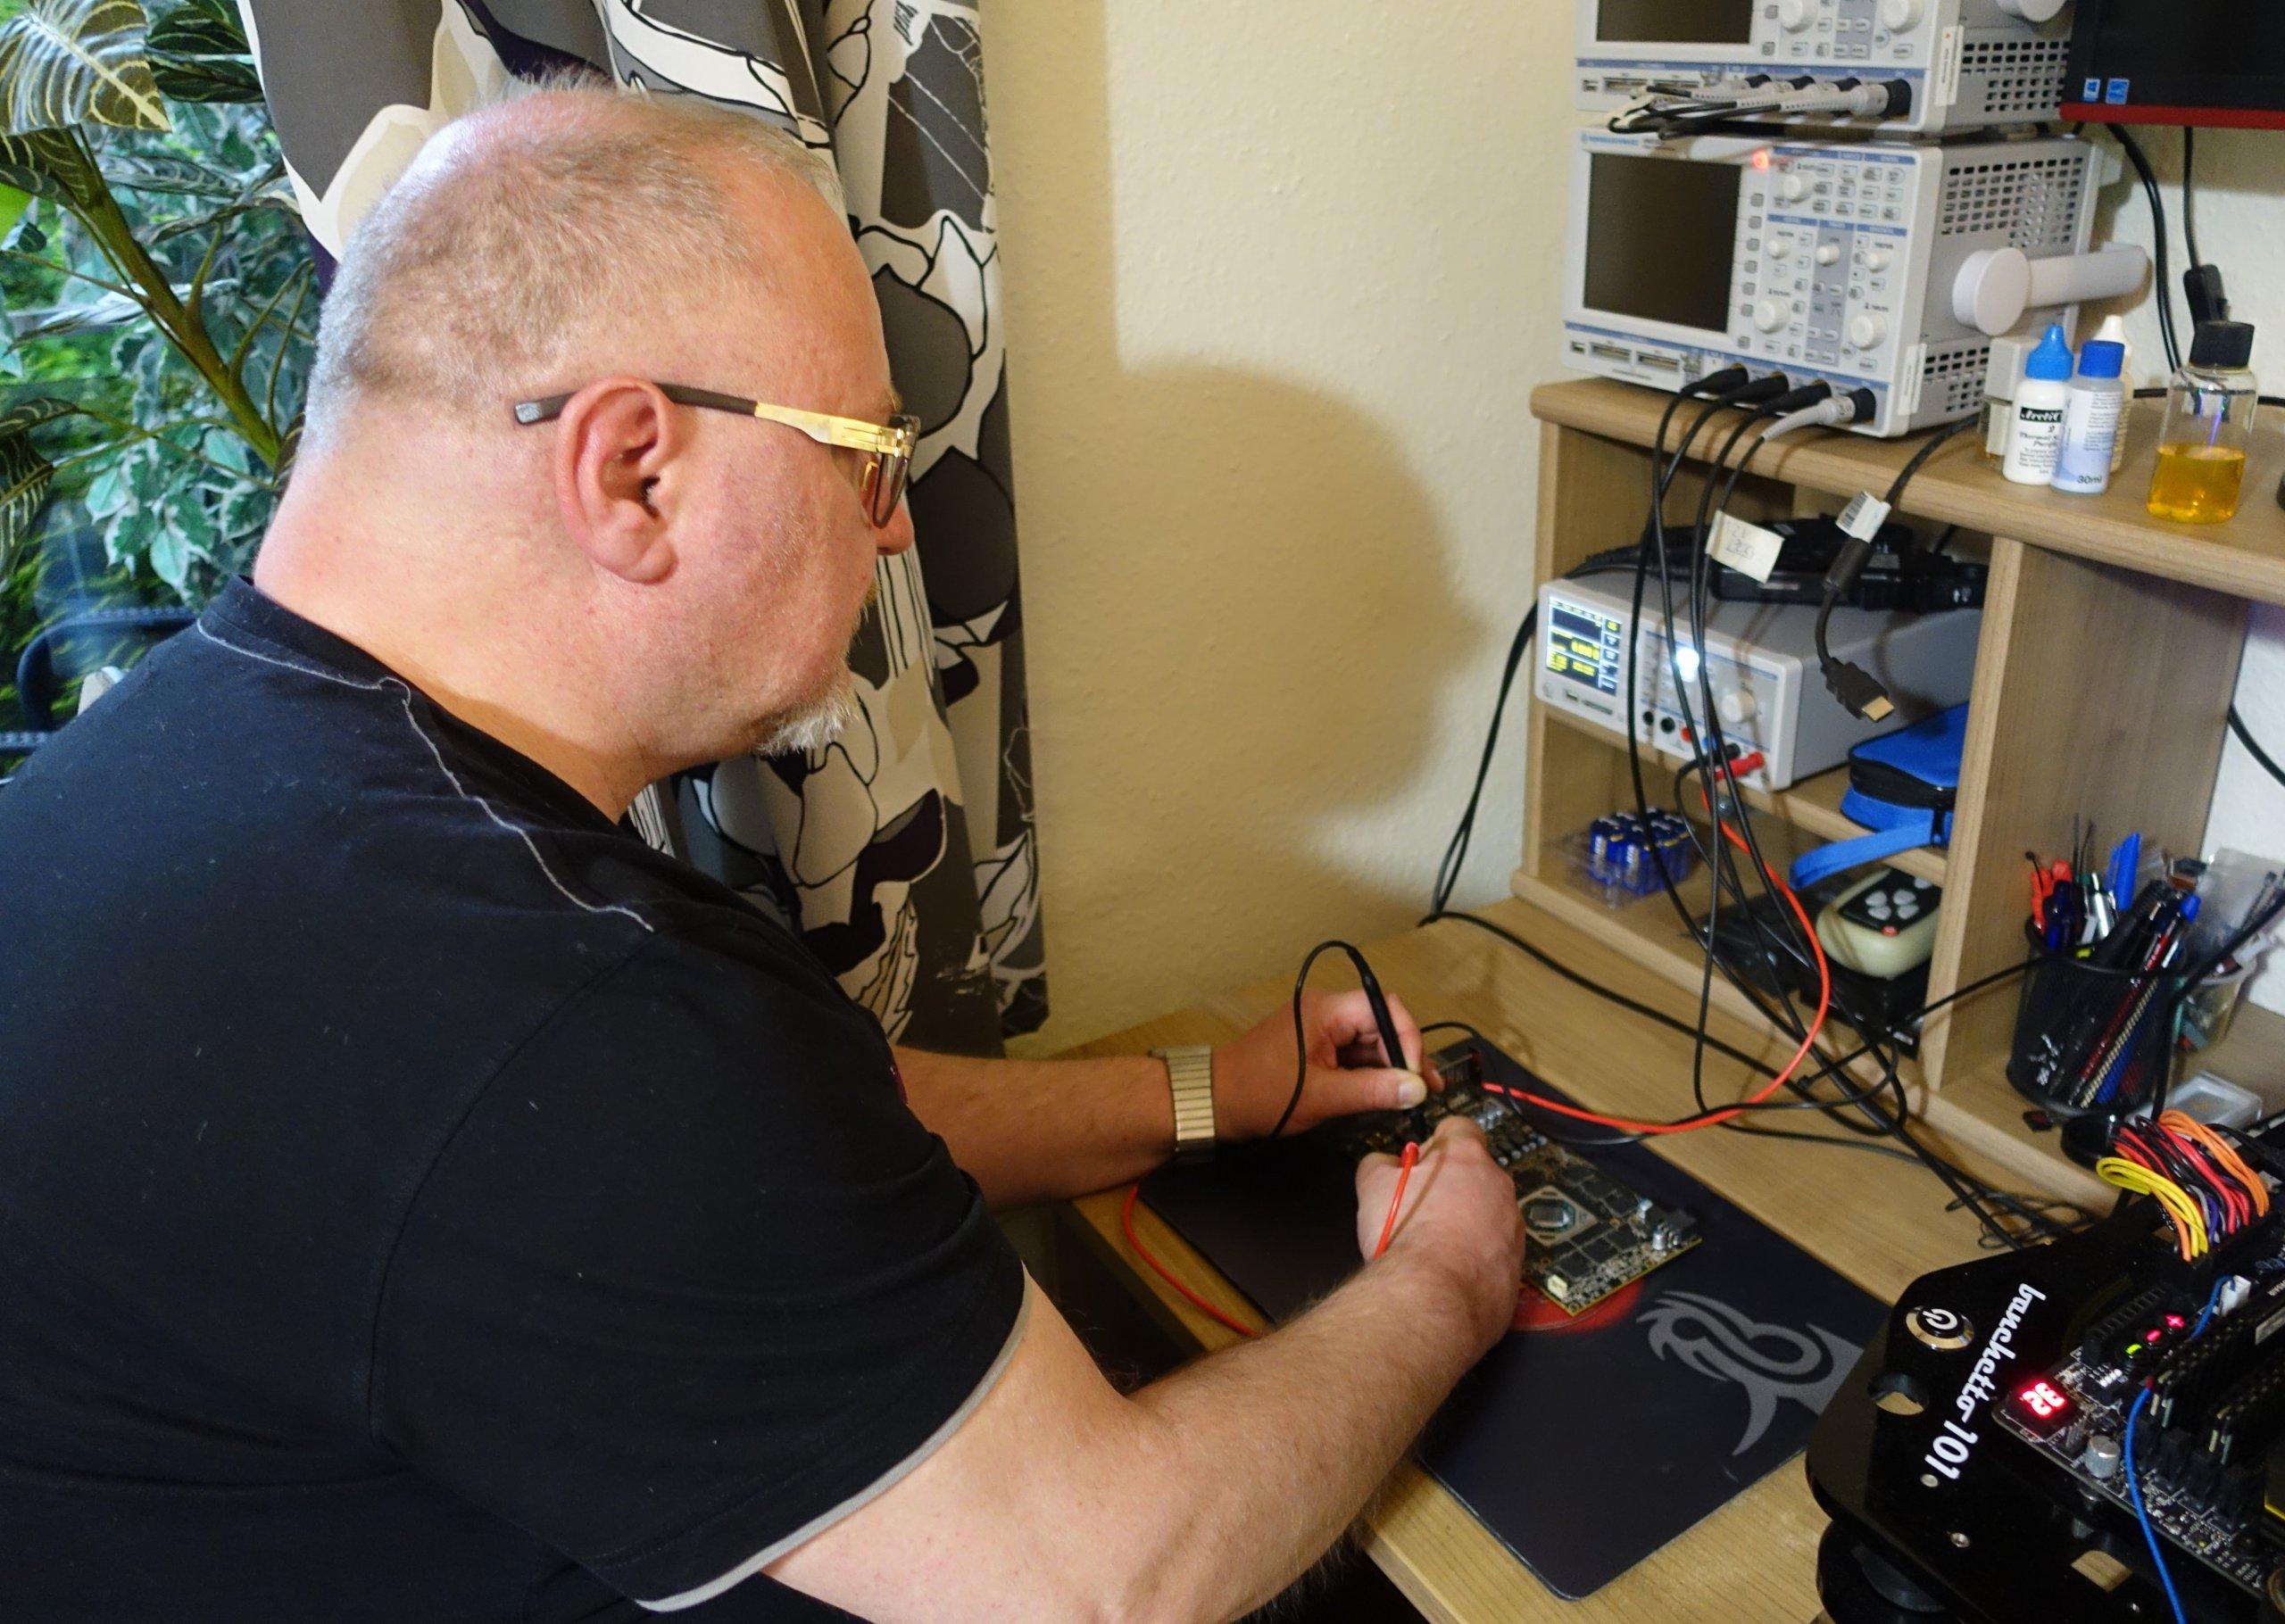 Beim Nachmessen der Versorgungsleitungen auf dem PCB